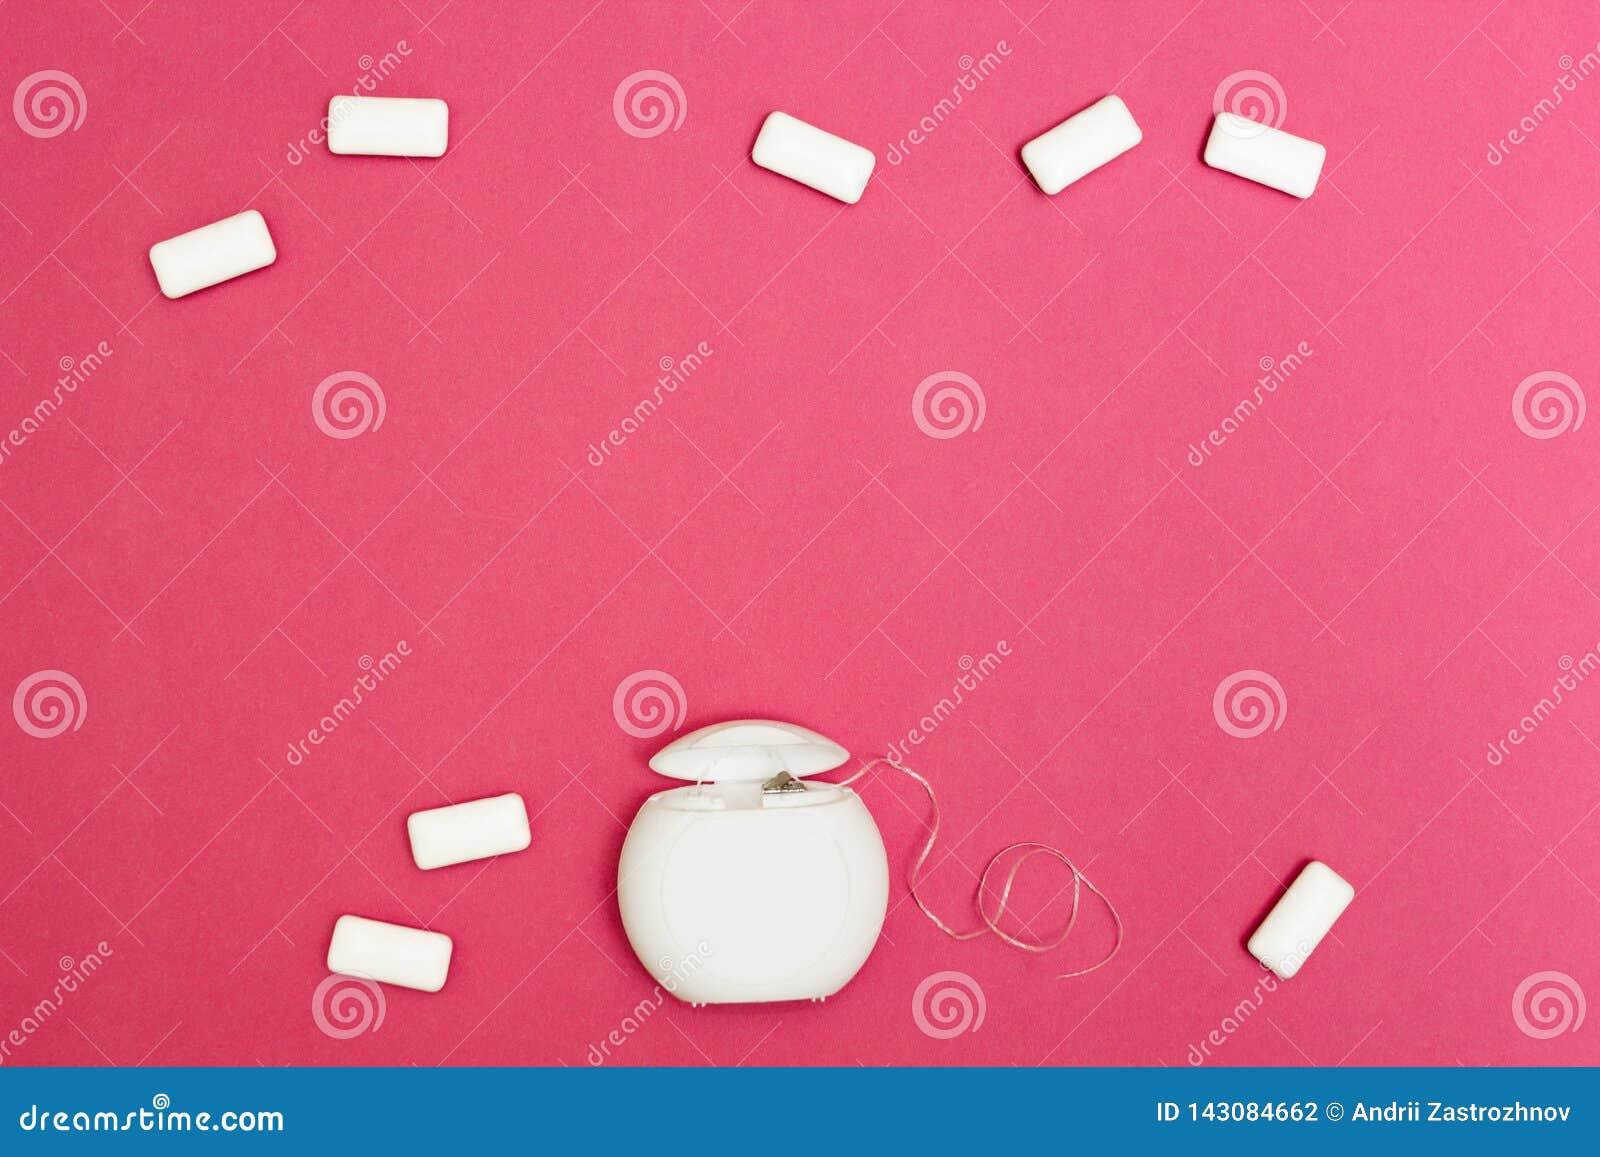 Tuggummi och tandtråd på en rosa bakgrund Utrymme för text